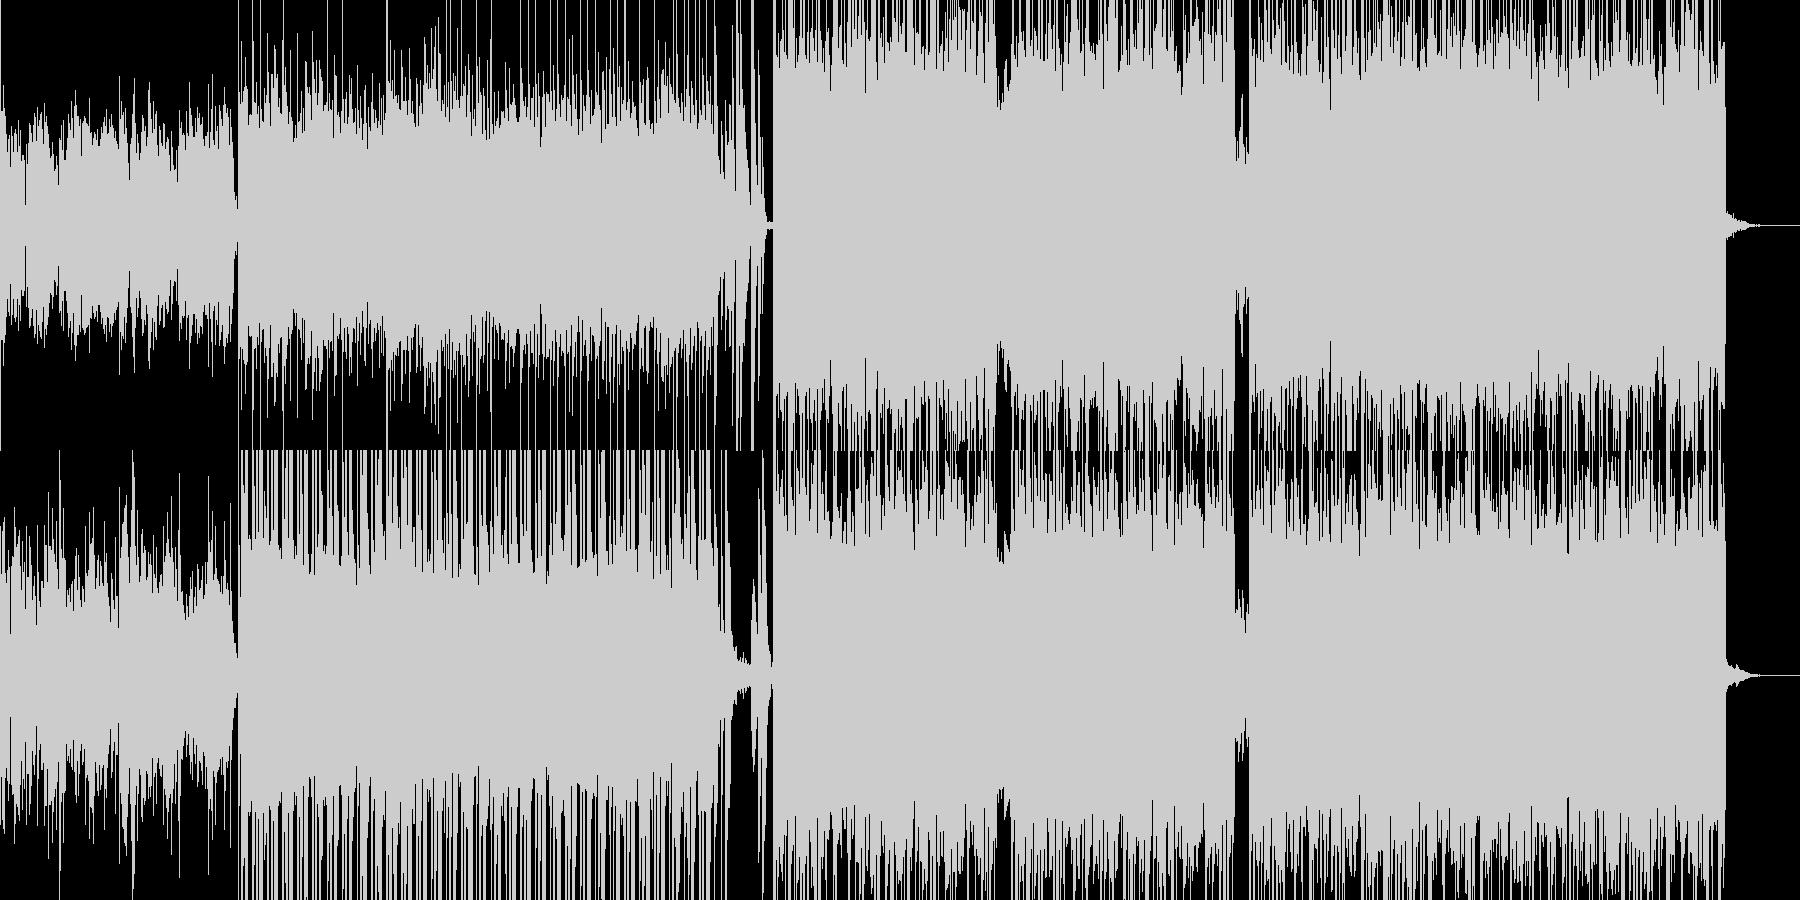 入場オープニングにエスニック風デジロックの未再生の波形